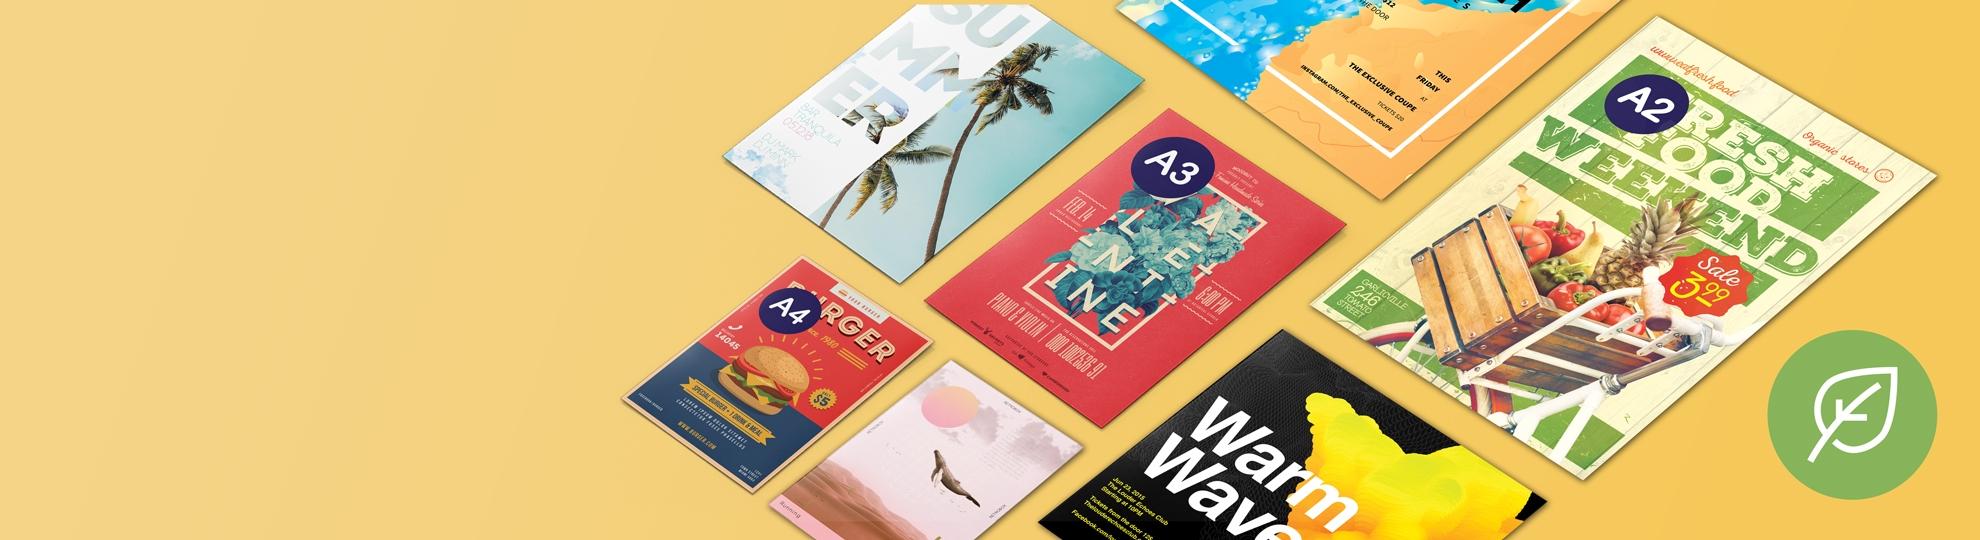 Imprimer affiche papier recyclé écologique